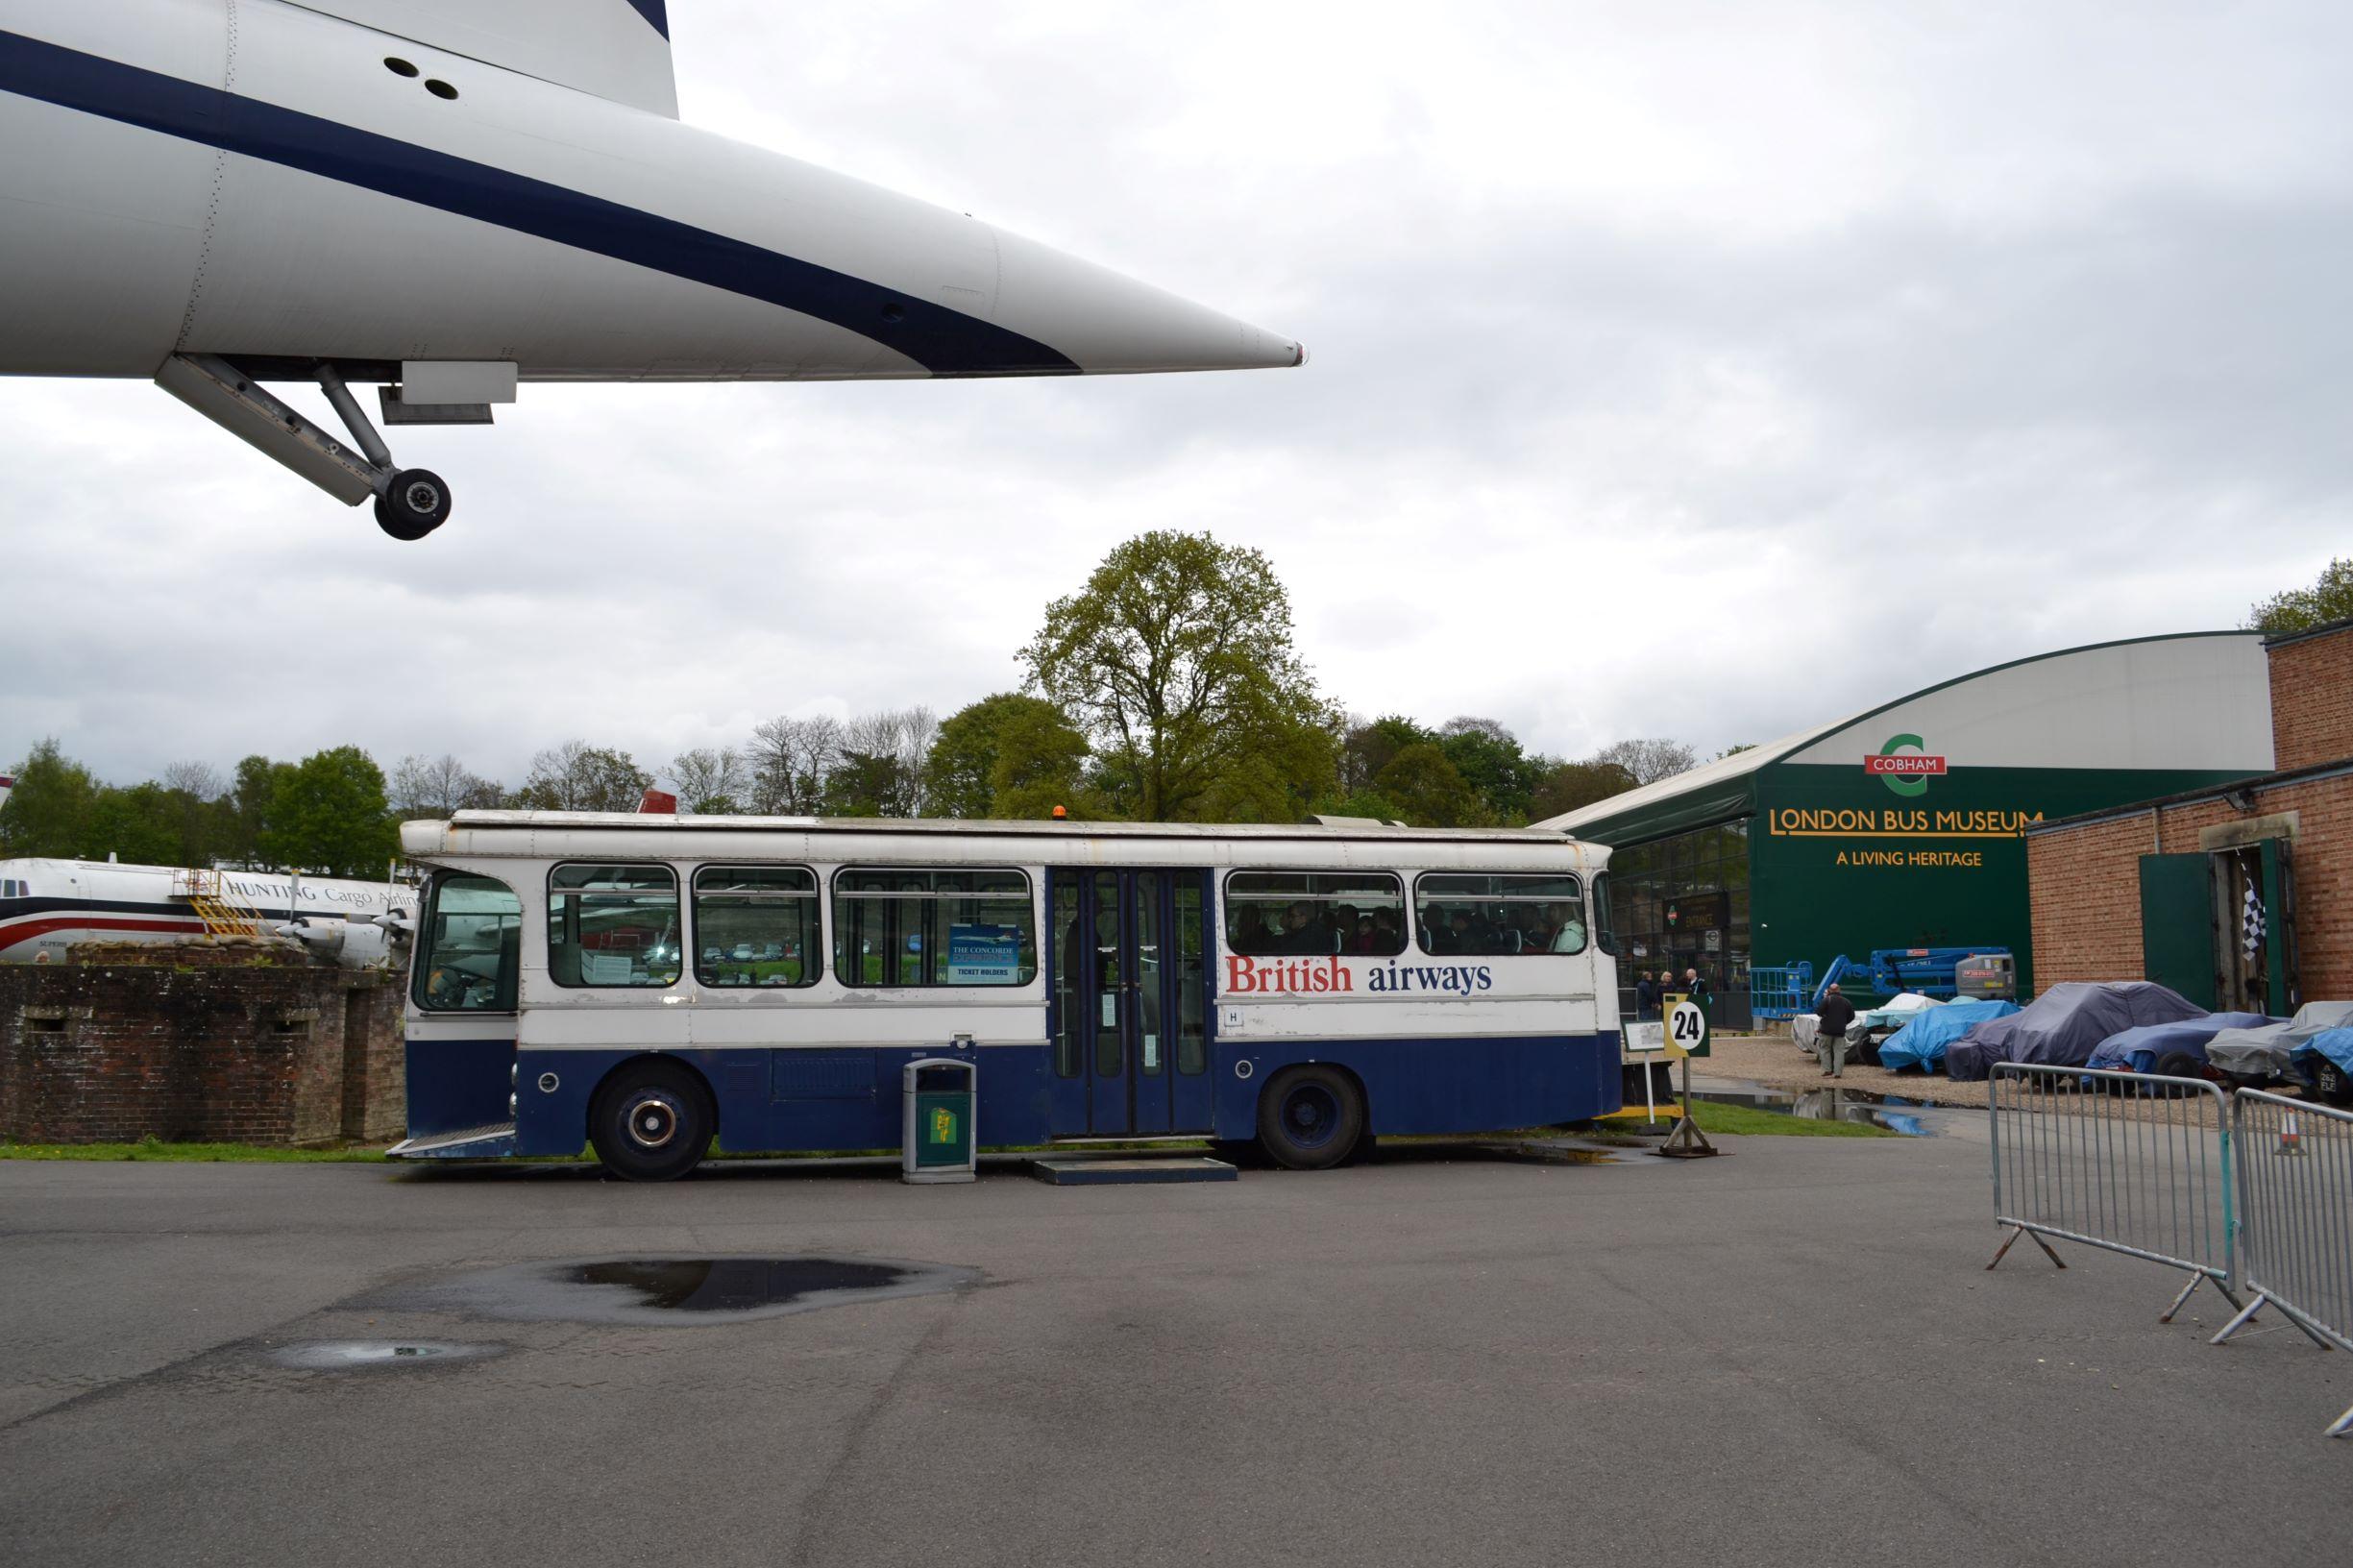 Háttérben a buszmúzeum, balról a Concorde feneke lóg be, középen meg egy reptéri British Airways busz